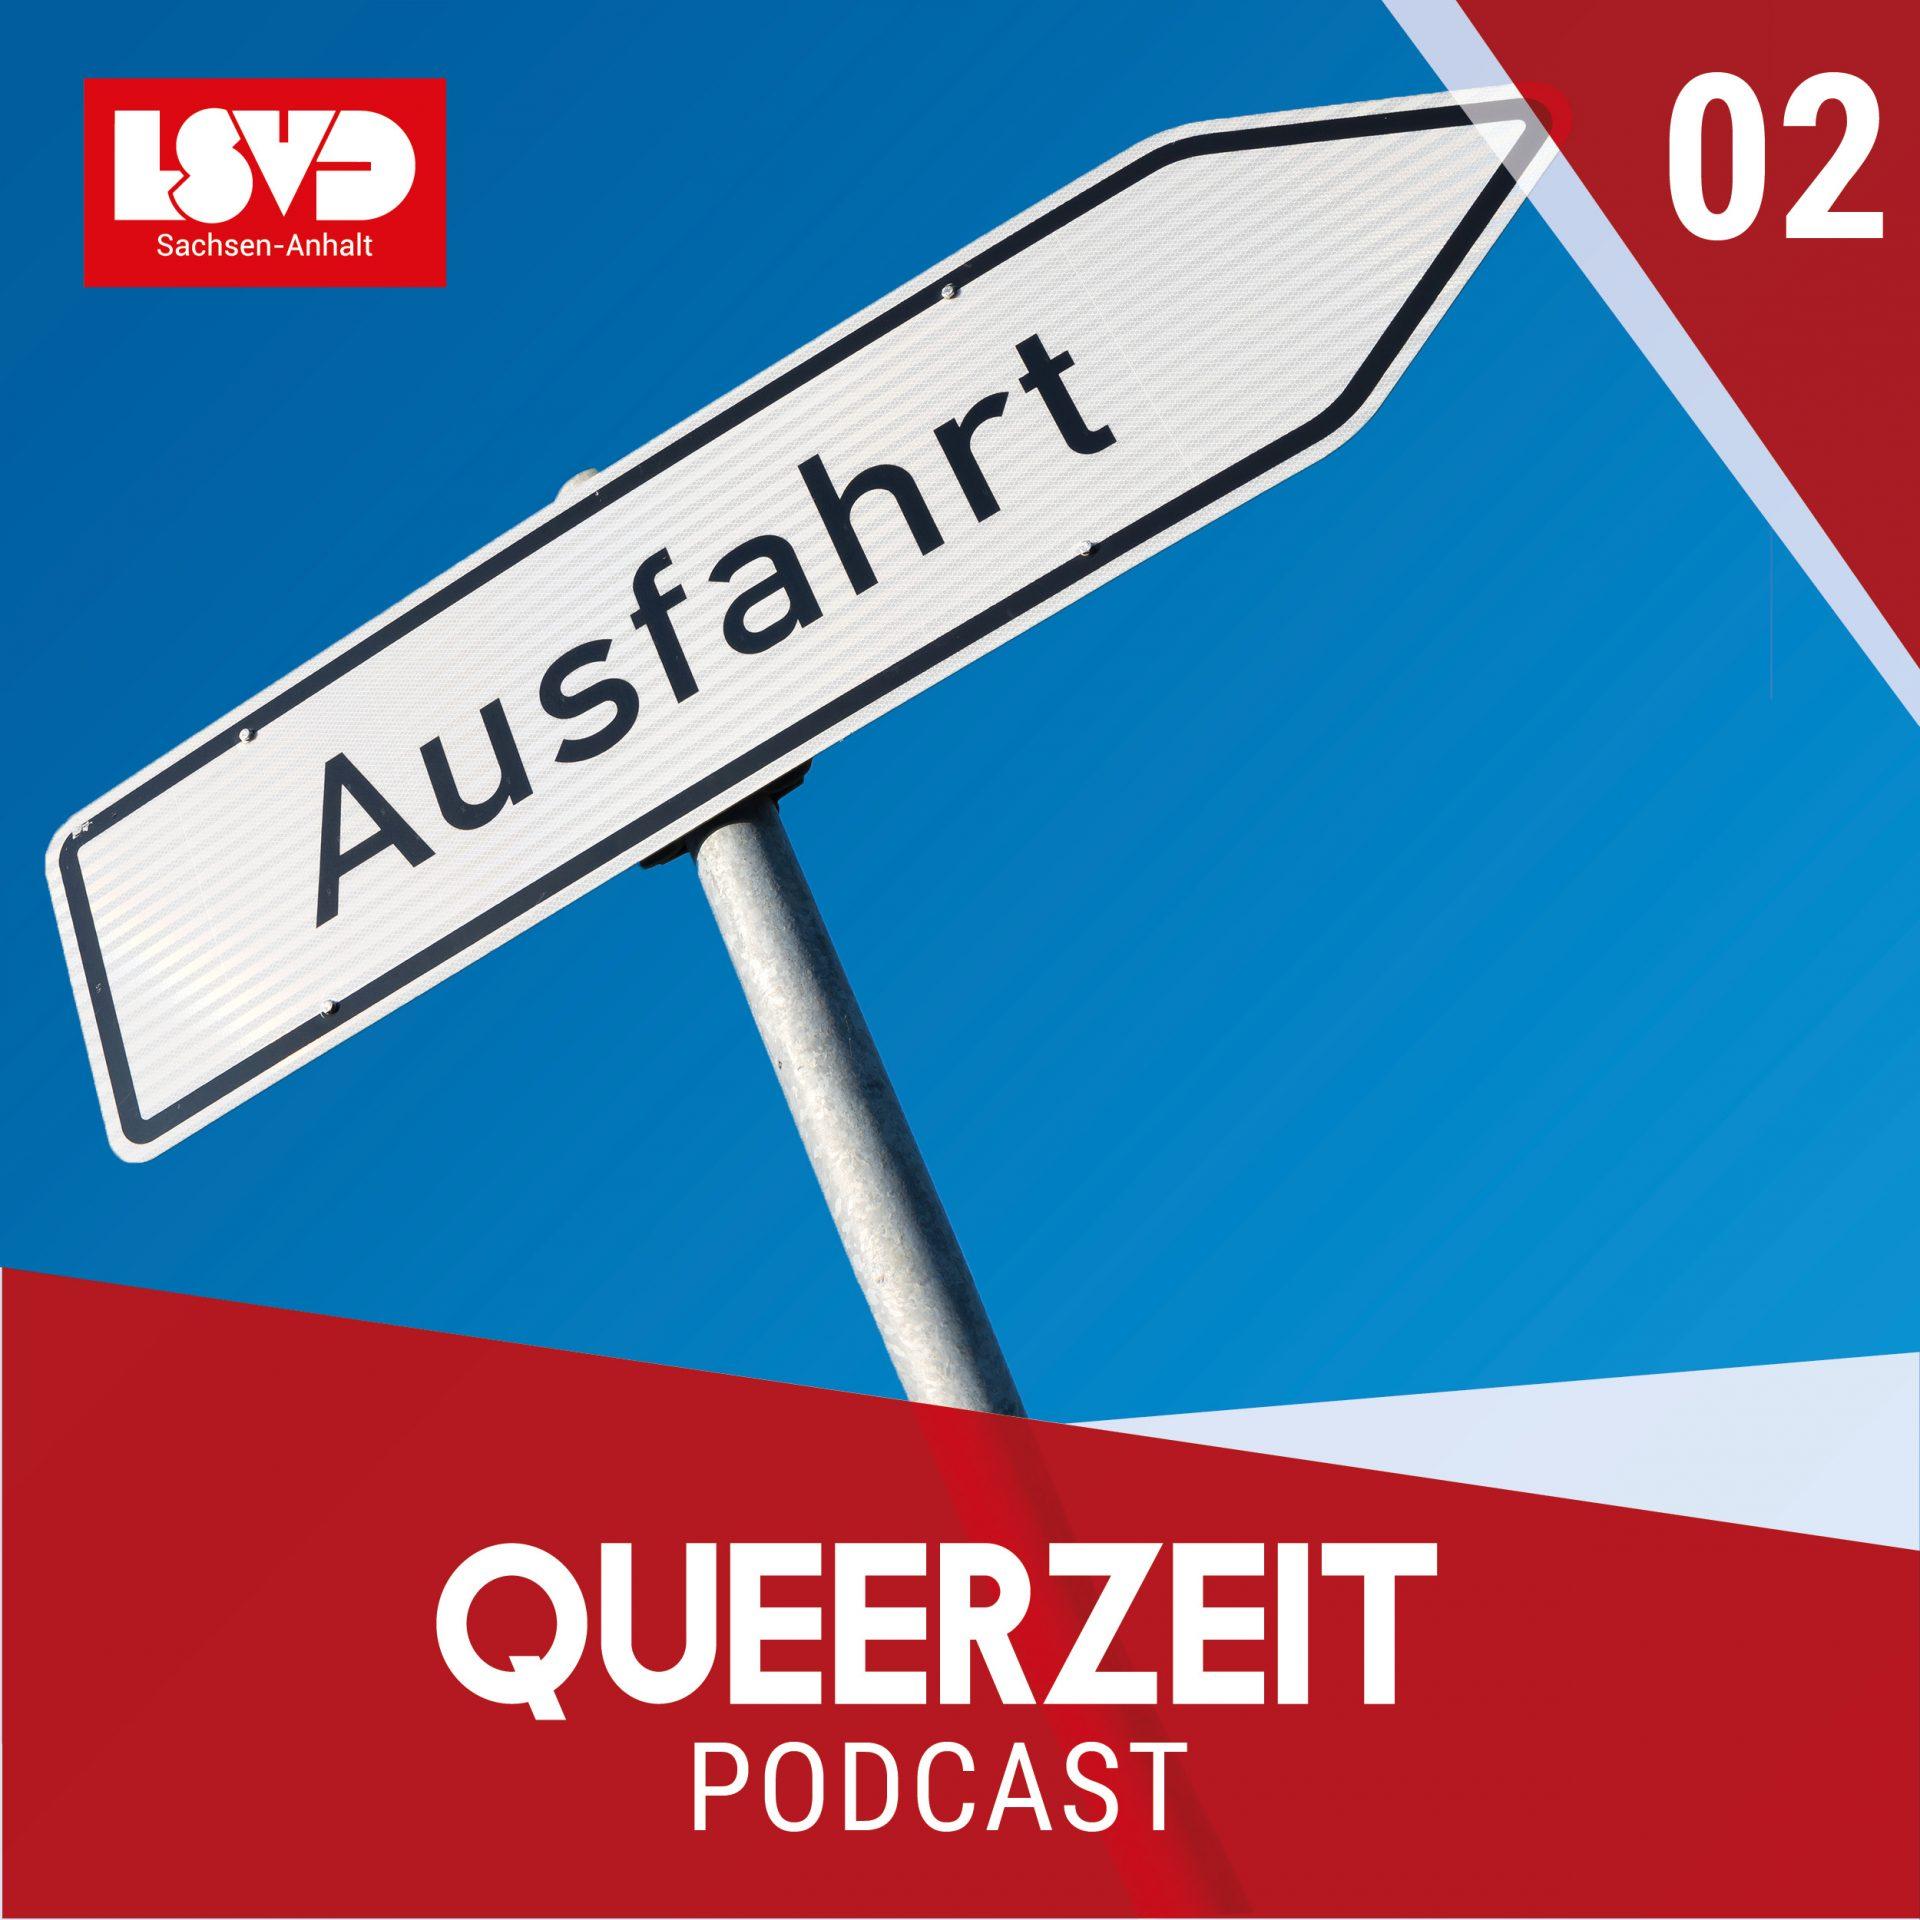 QUEERZEIT #2 – Gefahren und Folgen rechter Einstellungen für die LSBTI*-Community